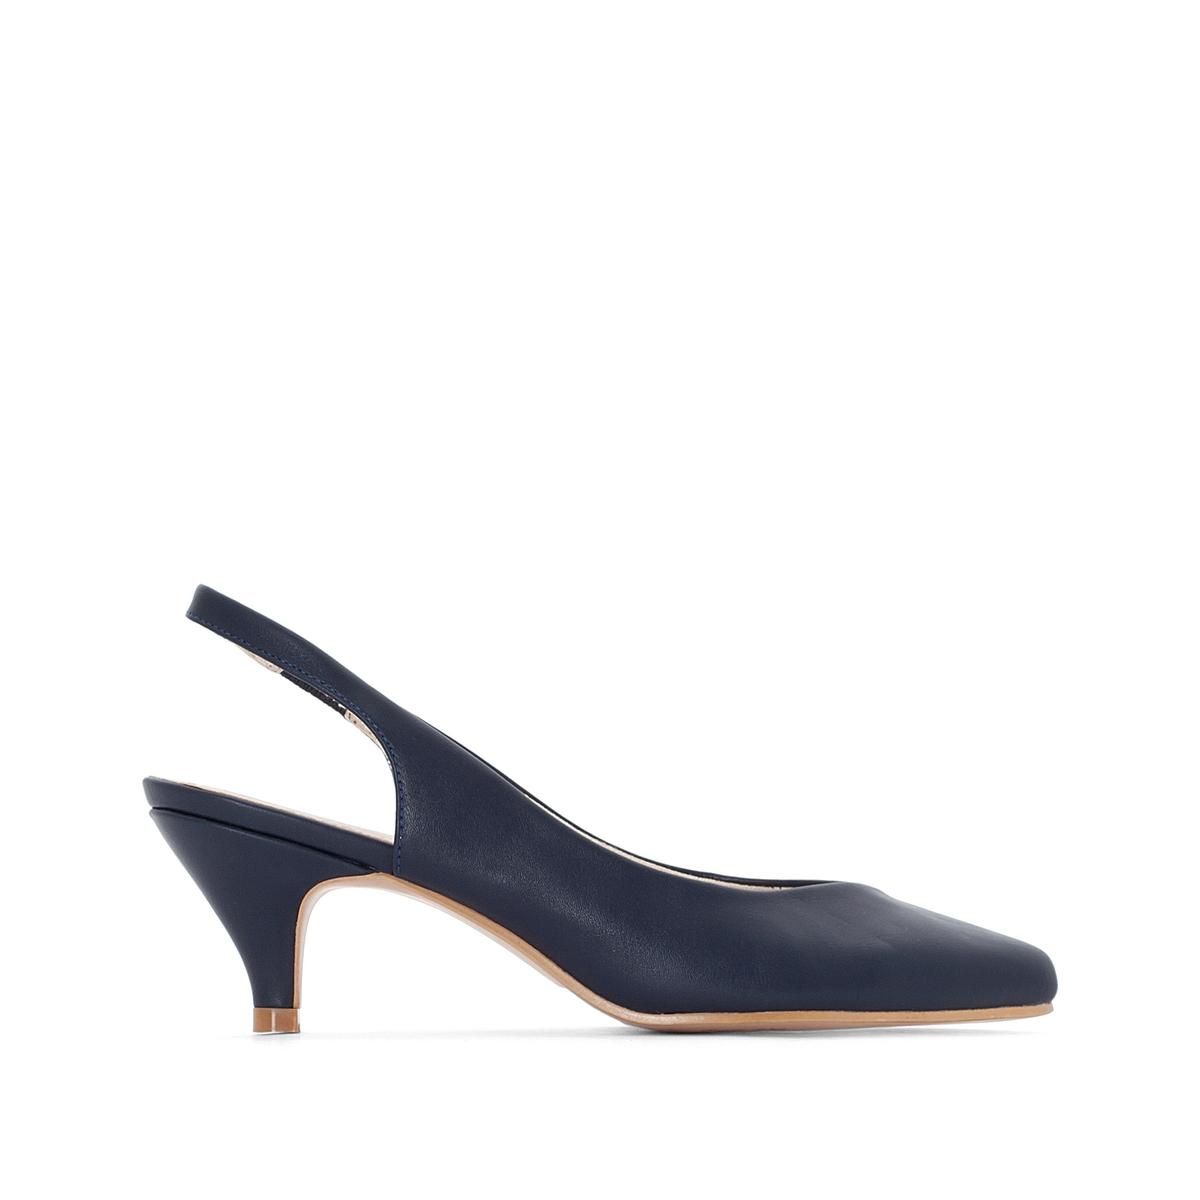 цена на Туфли La Redoute С открытым задником для широкой стопы размеры - 45 синий